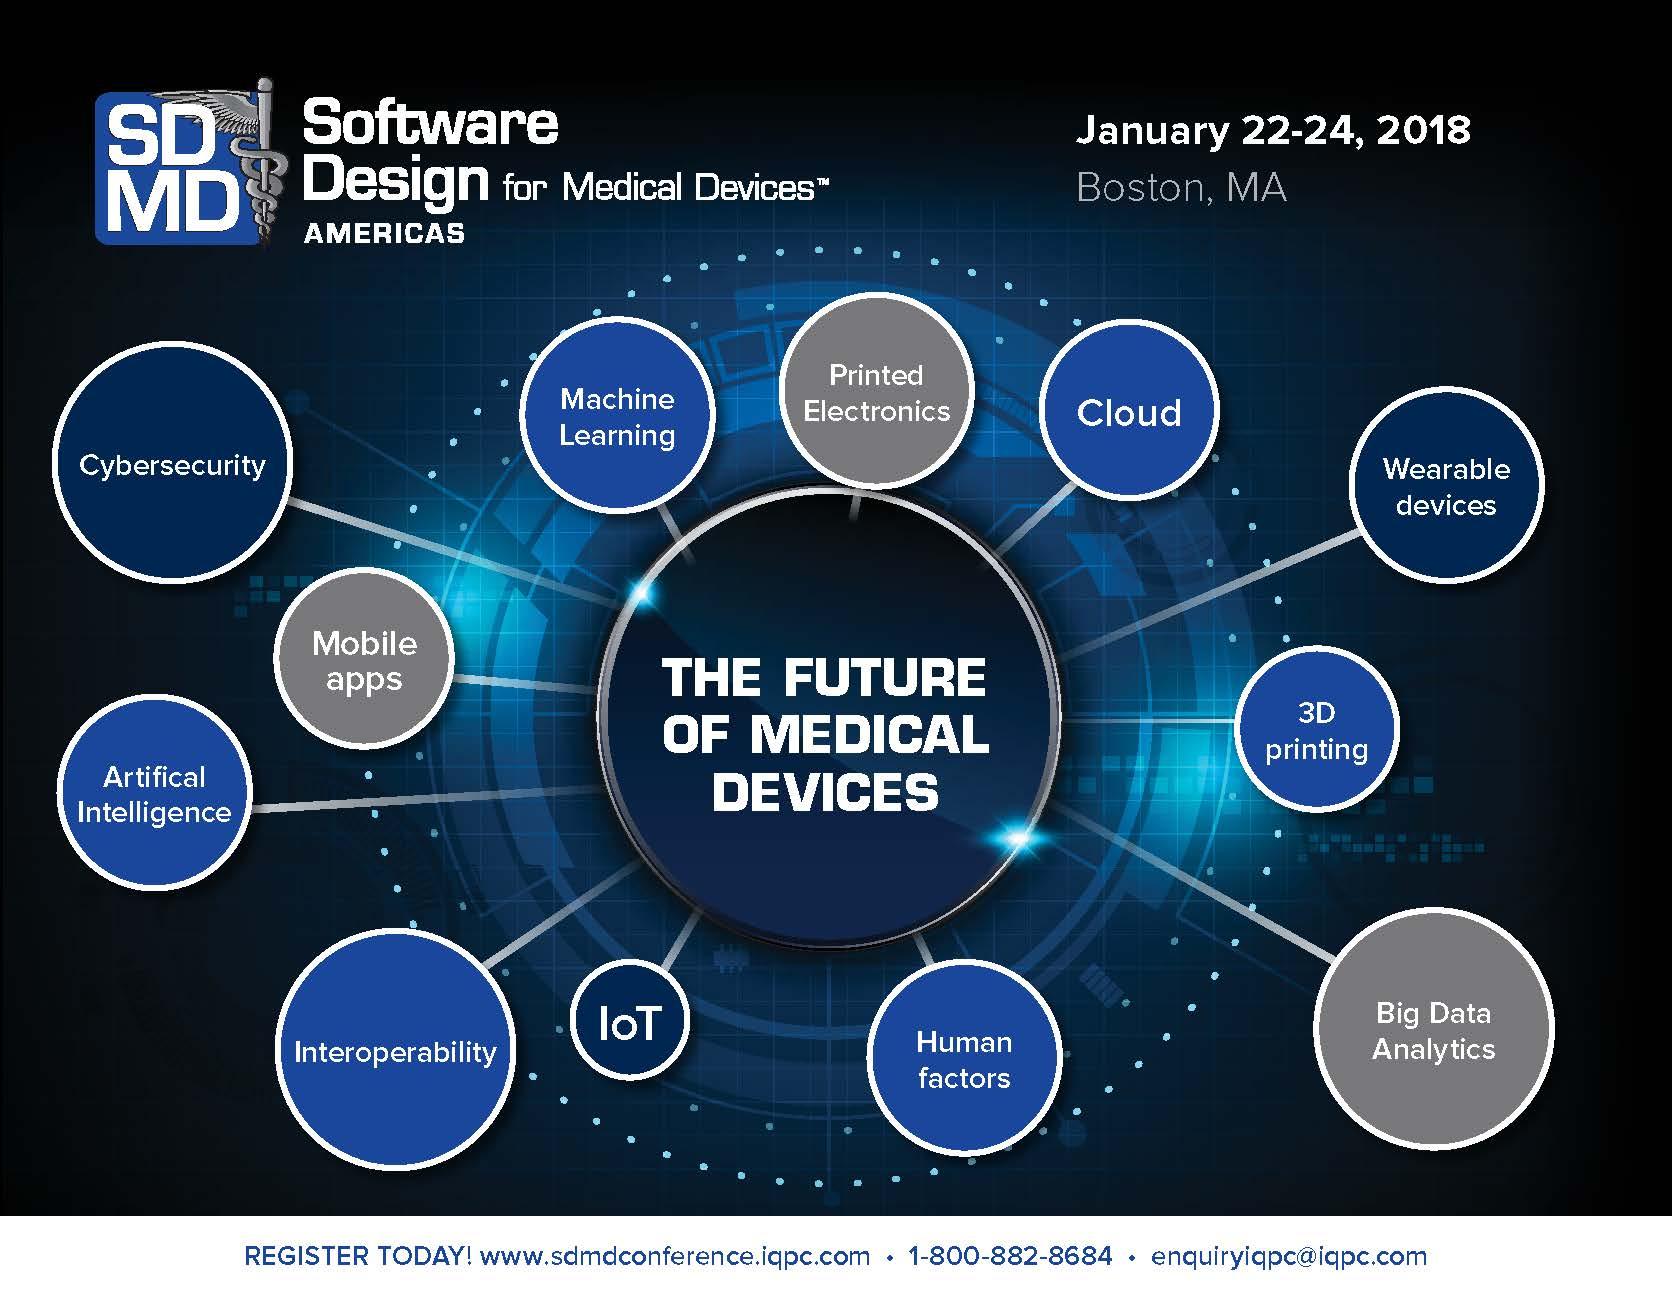 Download the 2018 Agenda